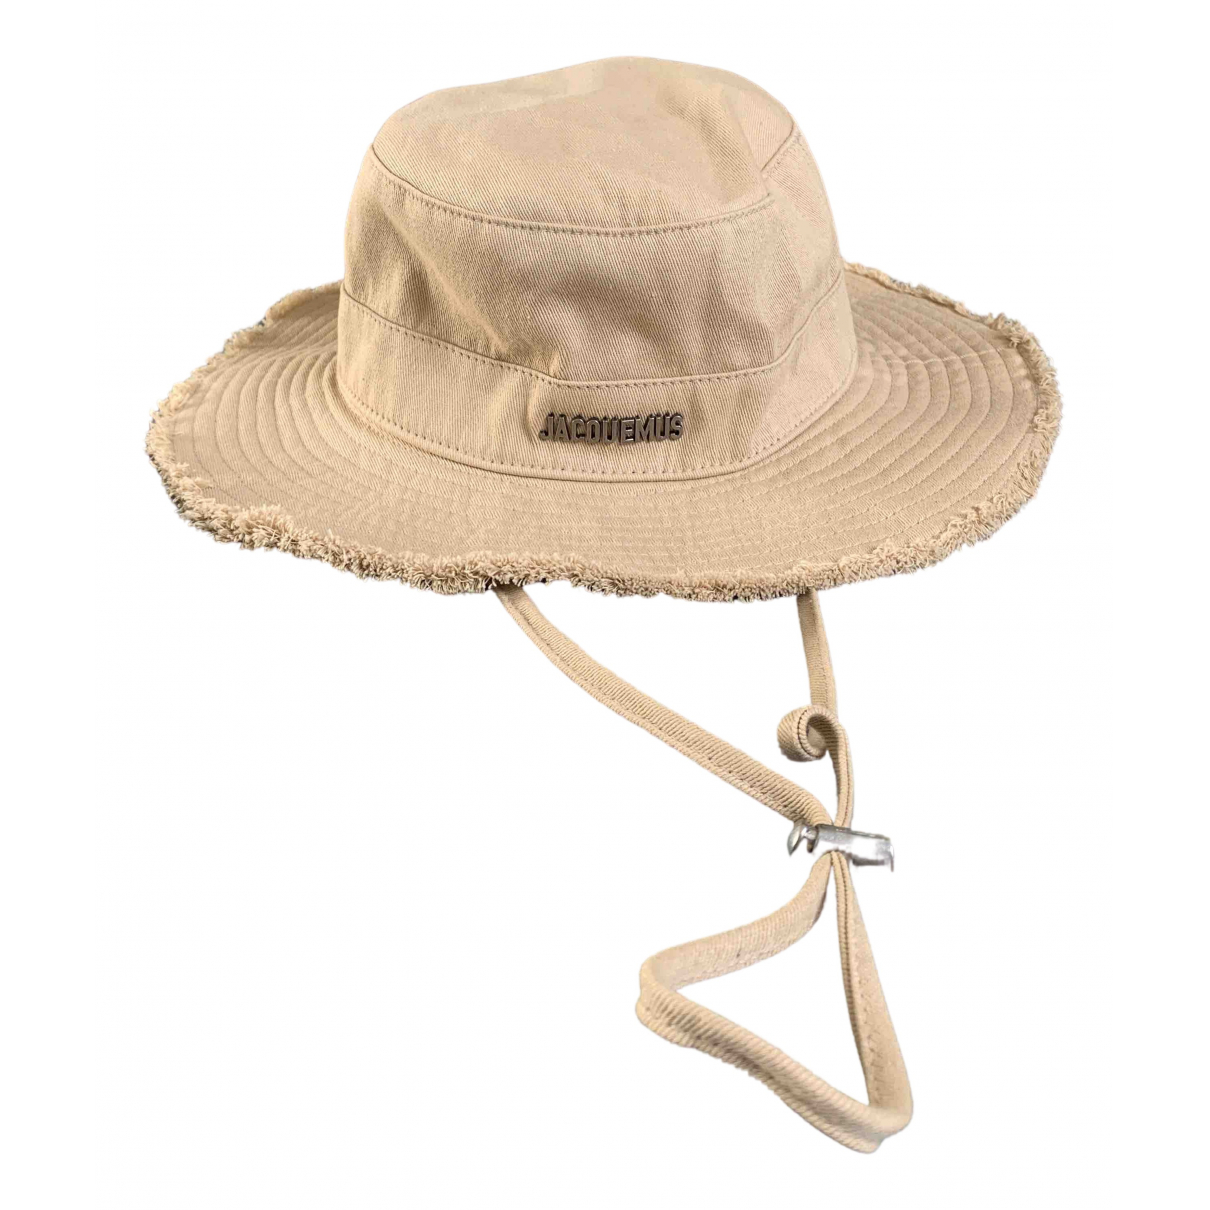 Jacquemus - Chapeau Le coup de soleil pour femme en coton - beige